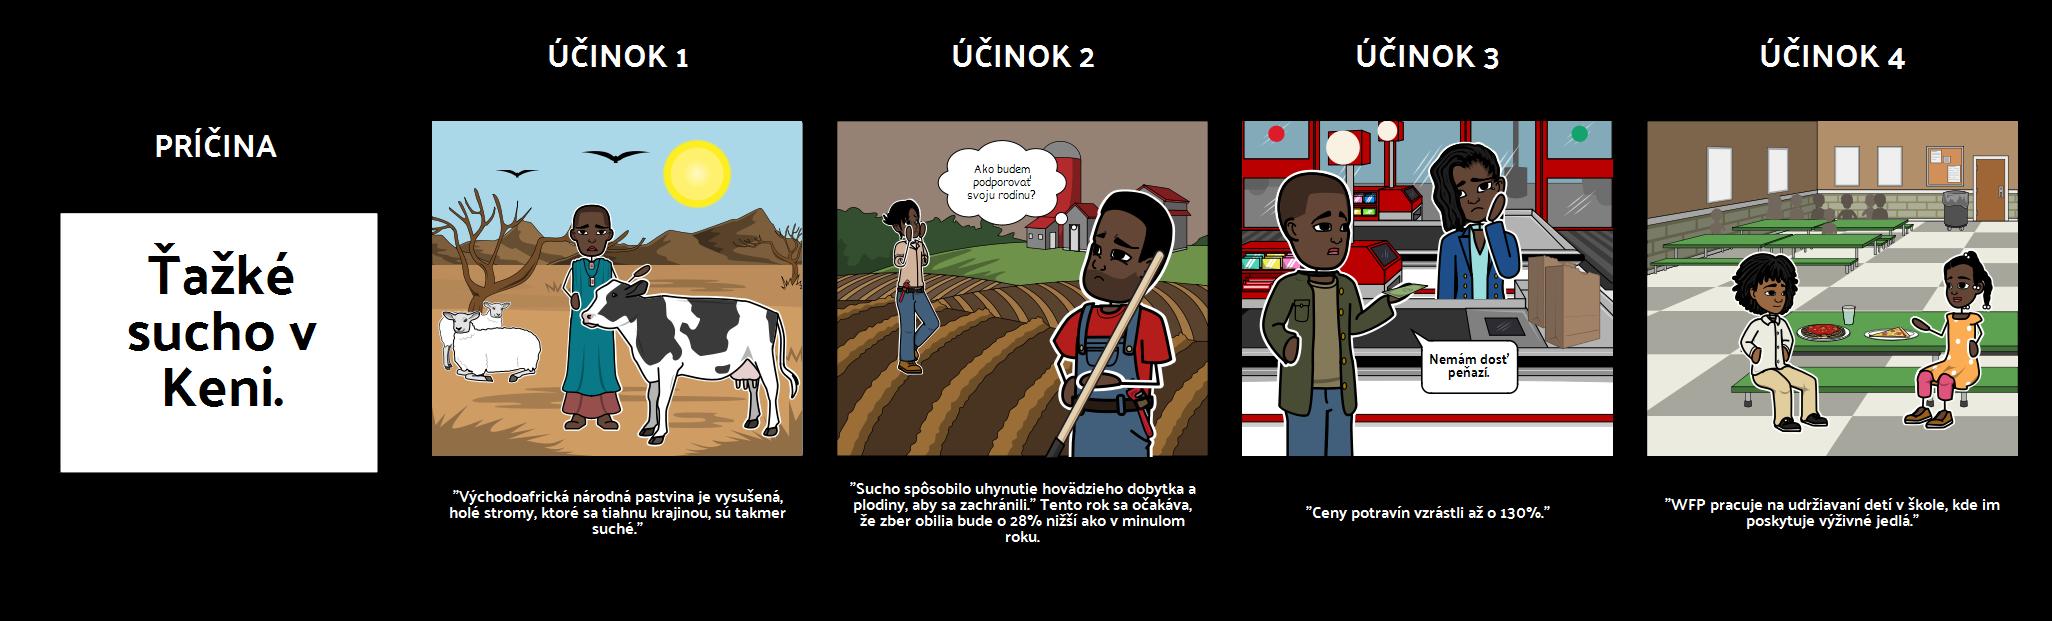 Keňa Dlhá Suchá Sezóna - Príčina a Efekt